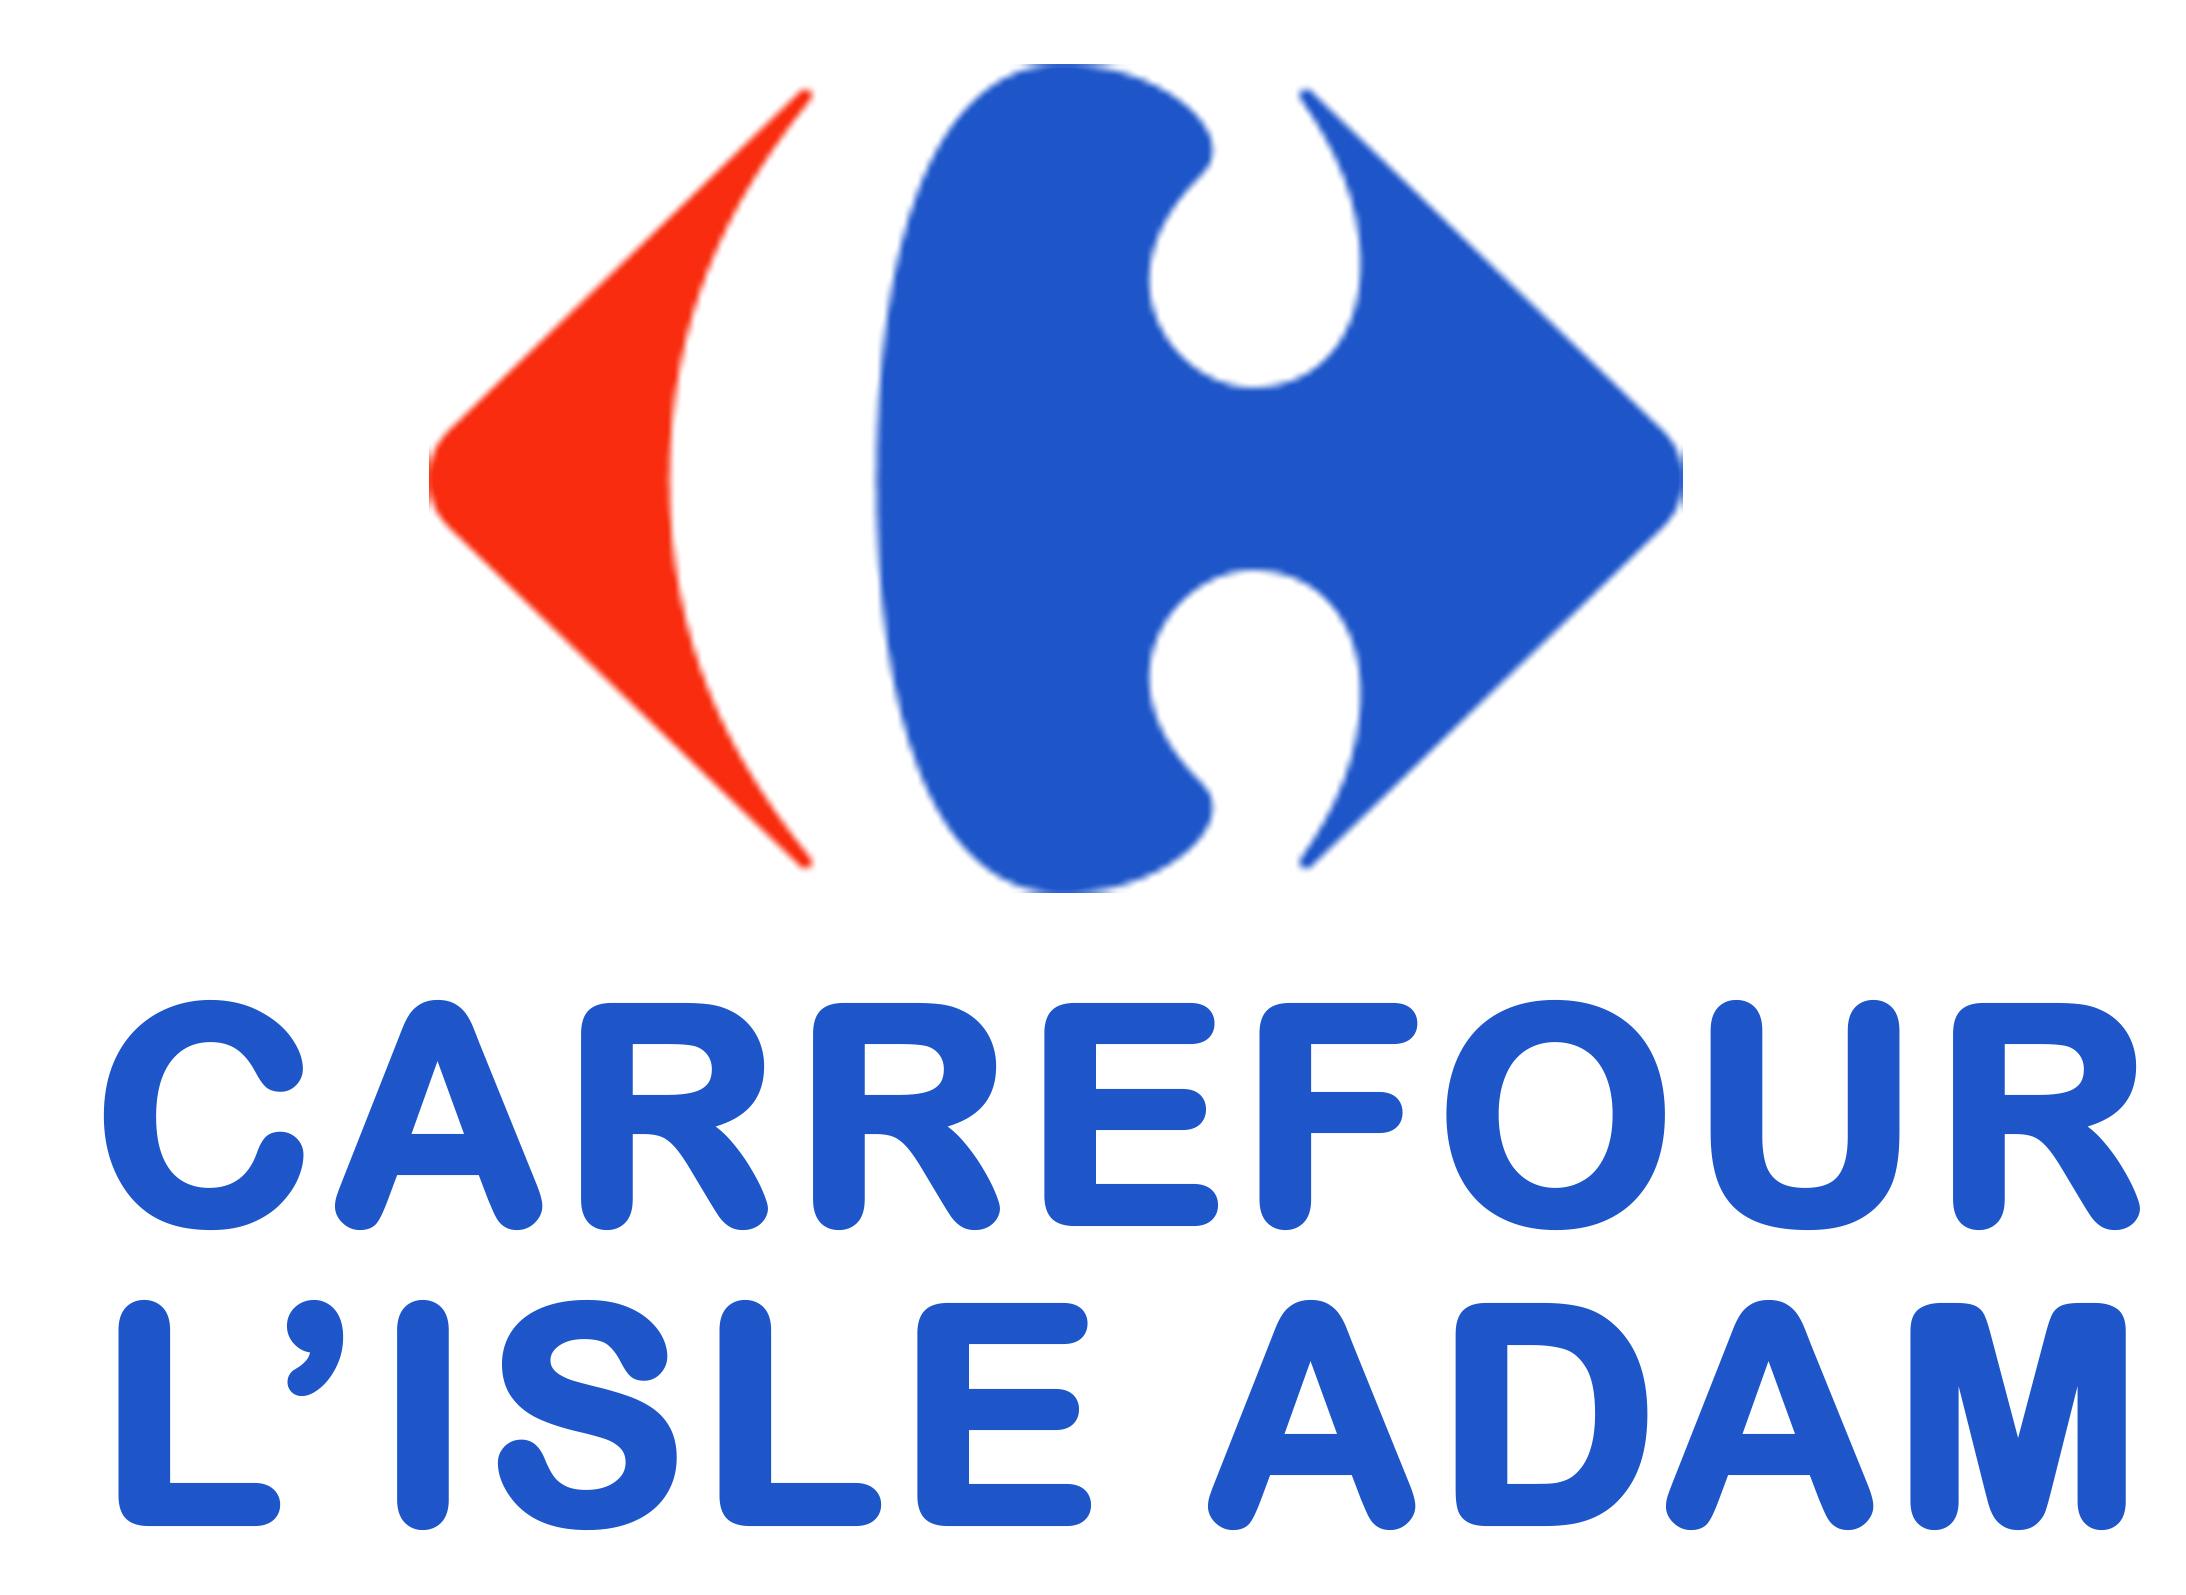 BCIA CARREFOUR L'ISLE ADAM